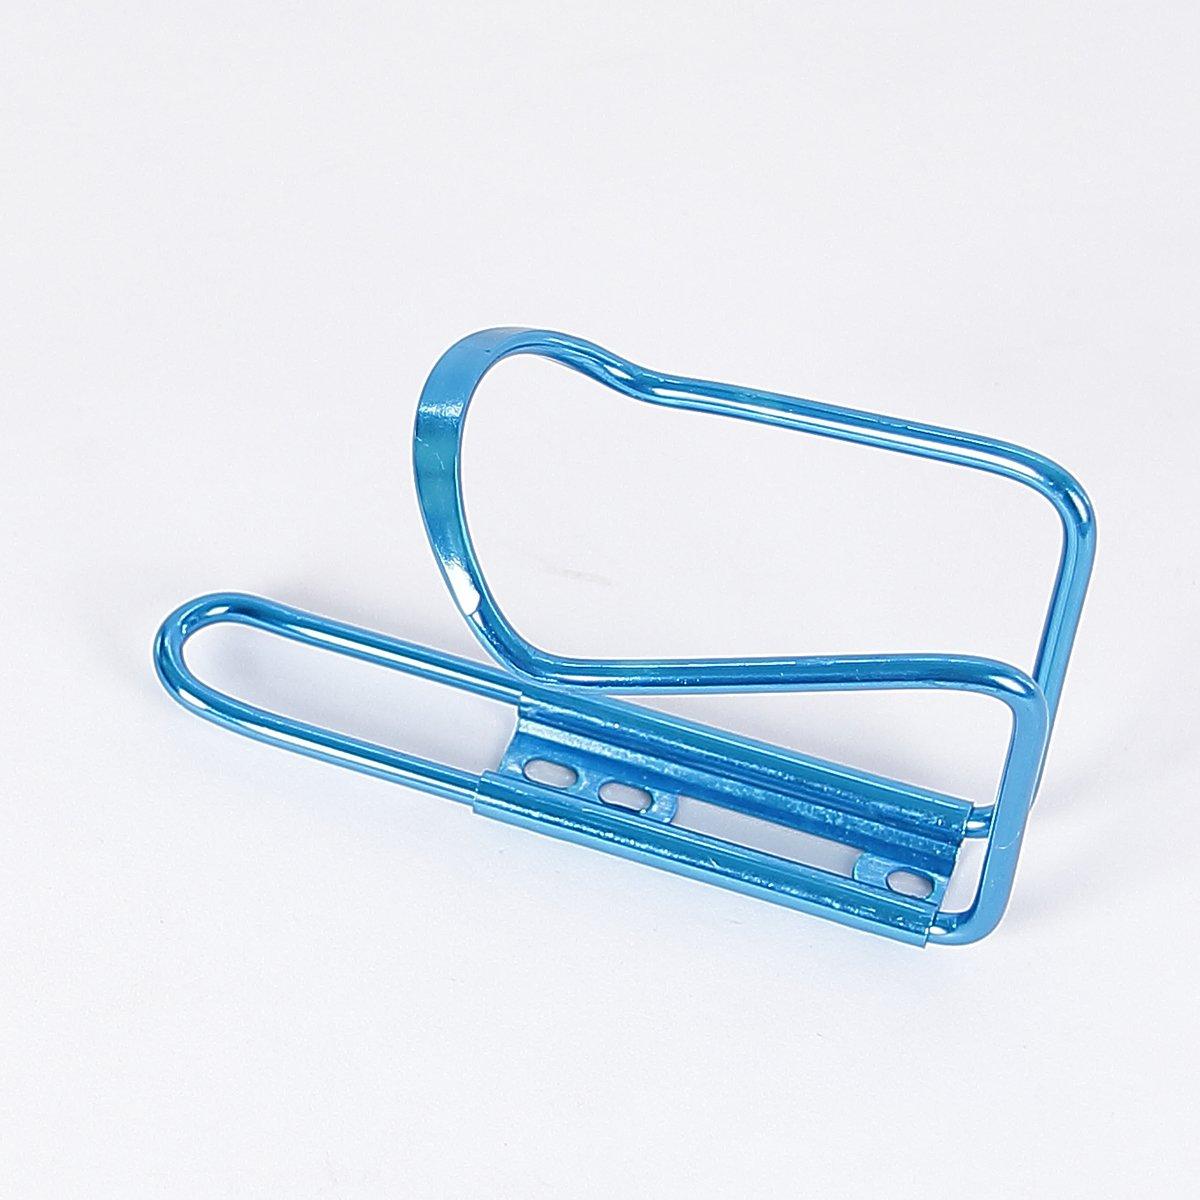 soytich Aluminium Bottle Cage Bottle Holder Bike Drink Holder Bicycle Can Holder F3 Blue